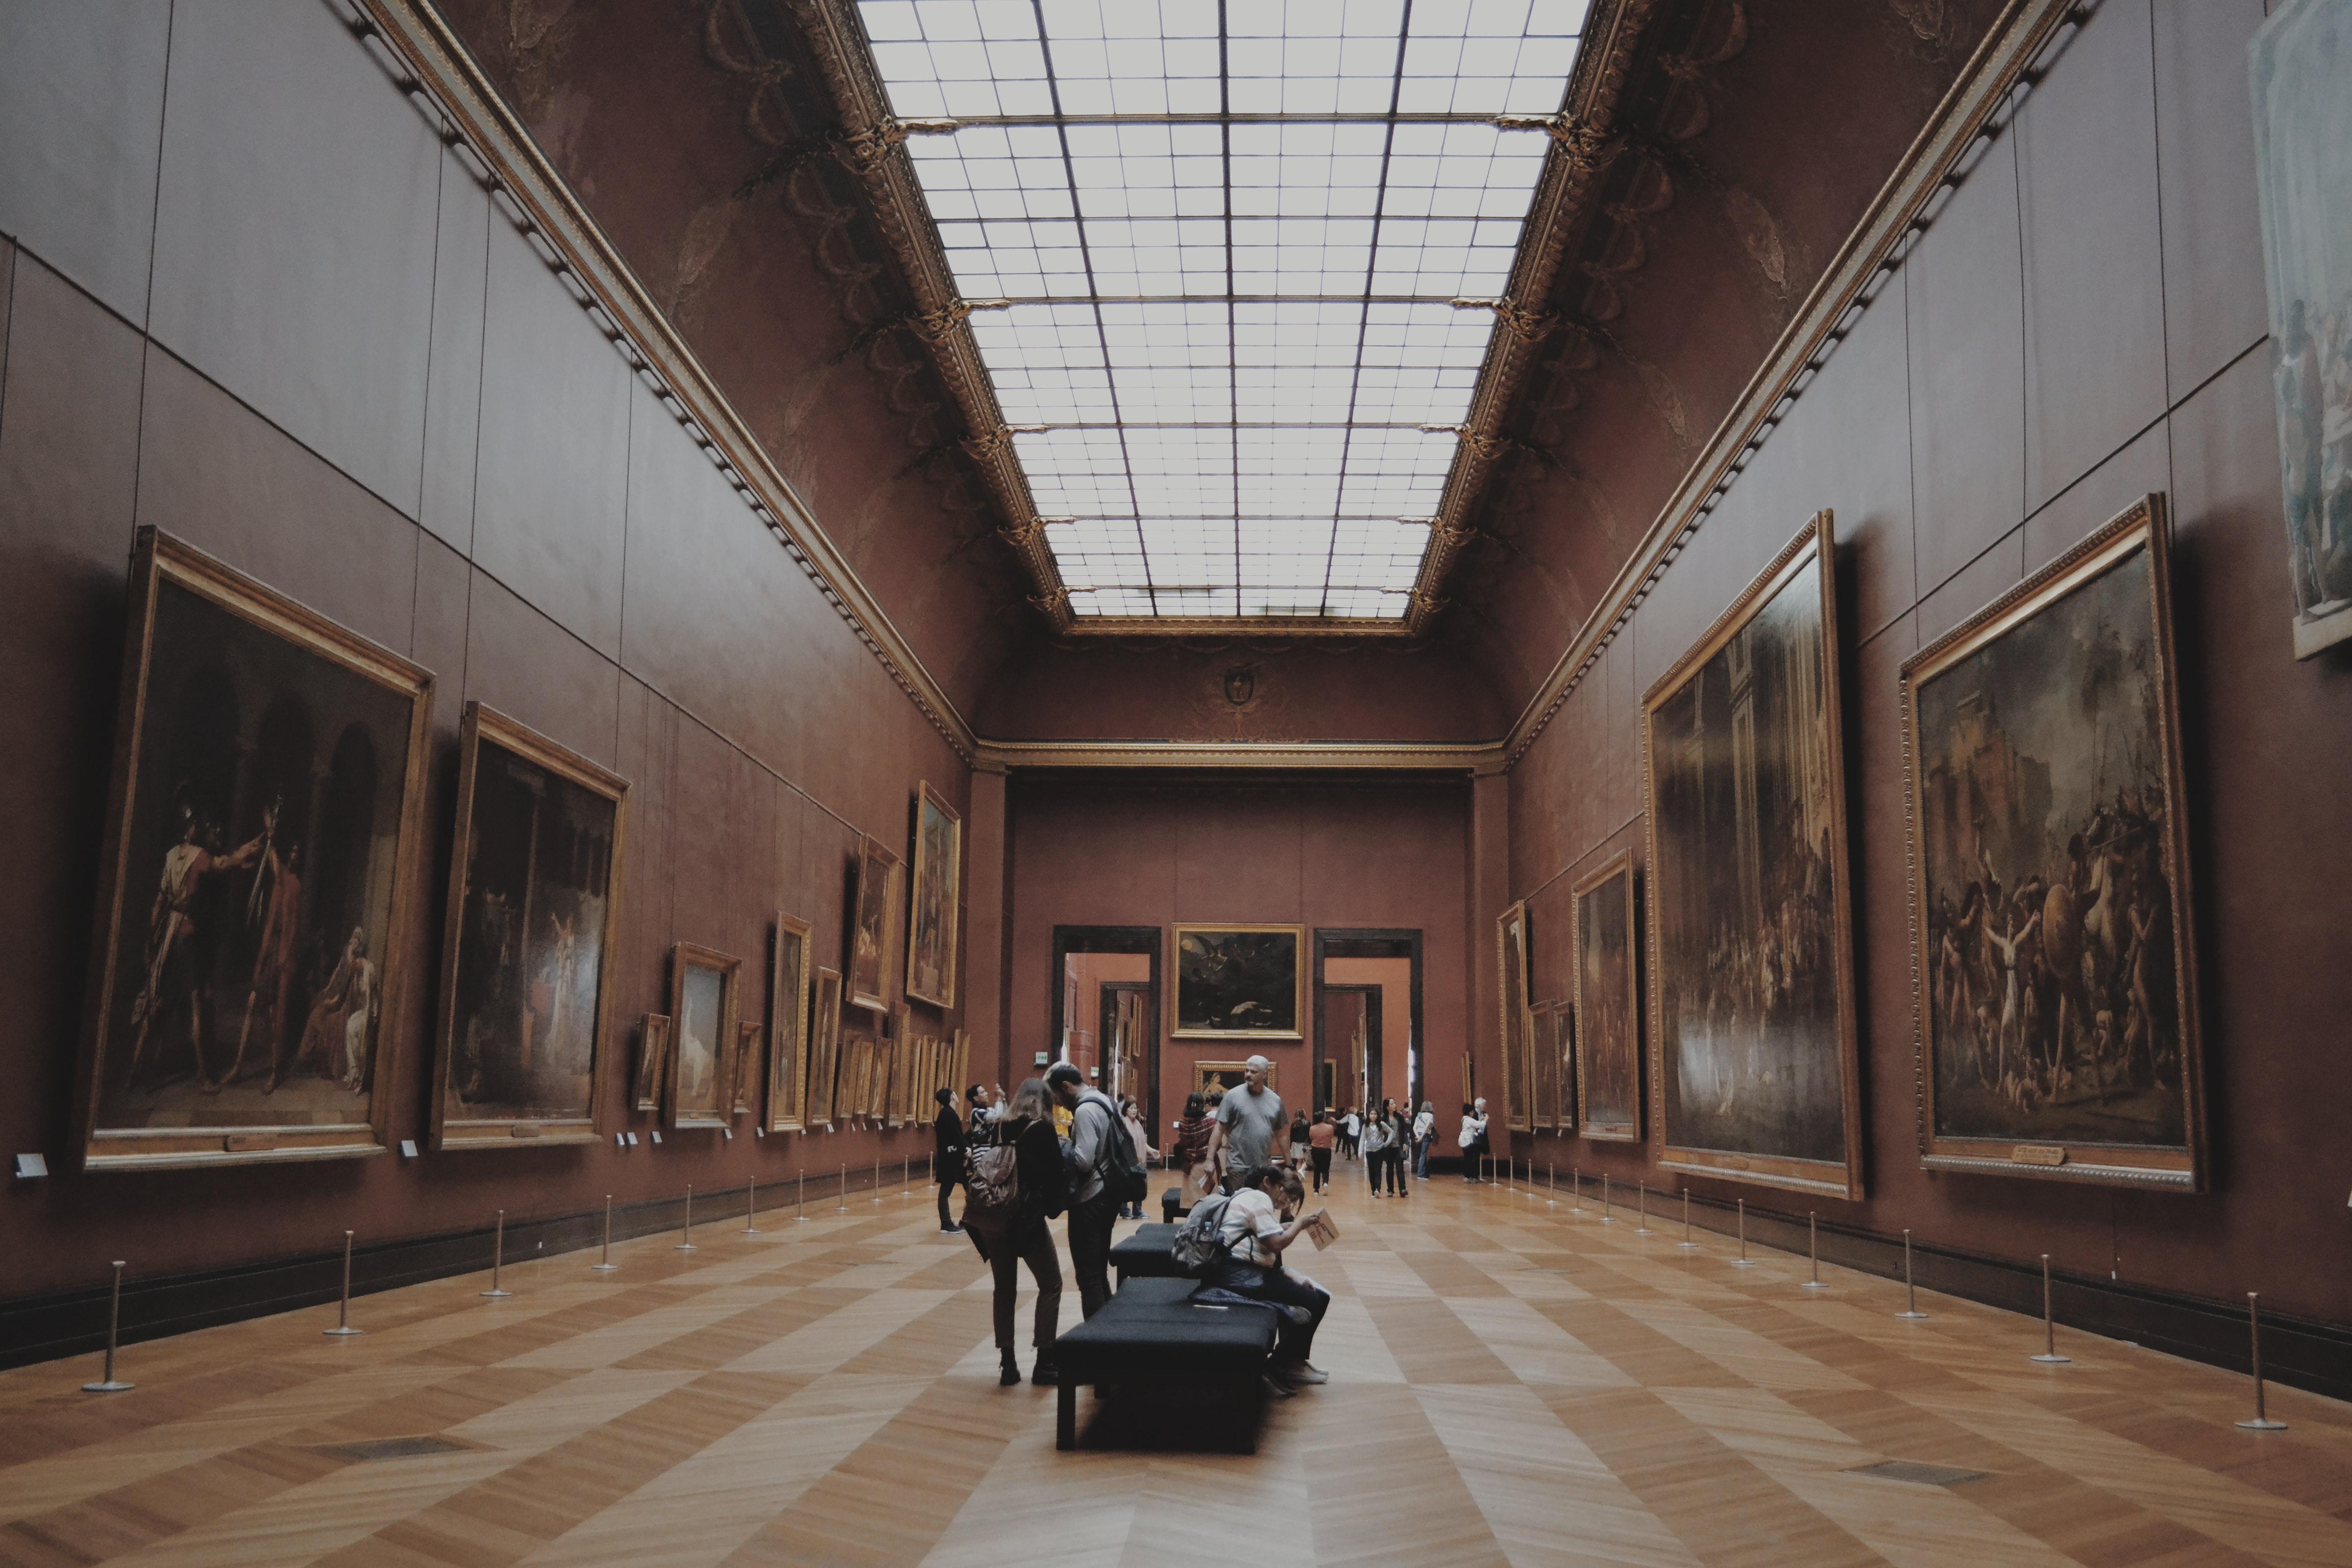 Louvre Museum Paris, Places to visit in Paris in February